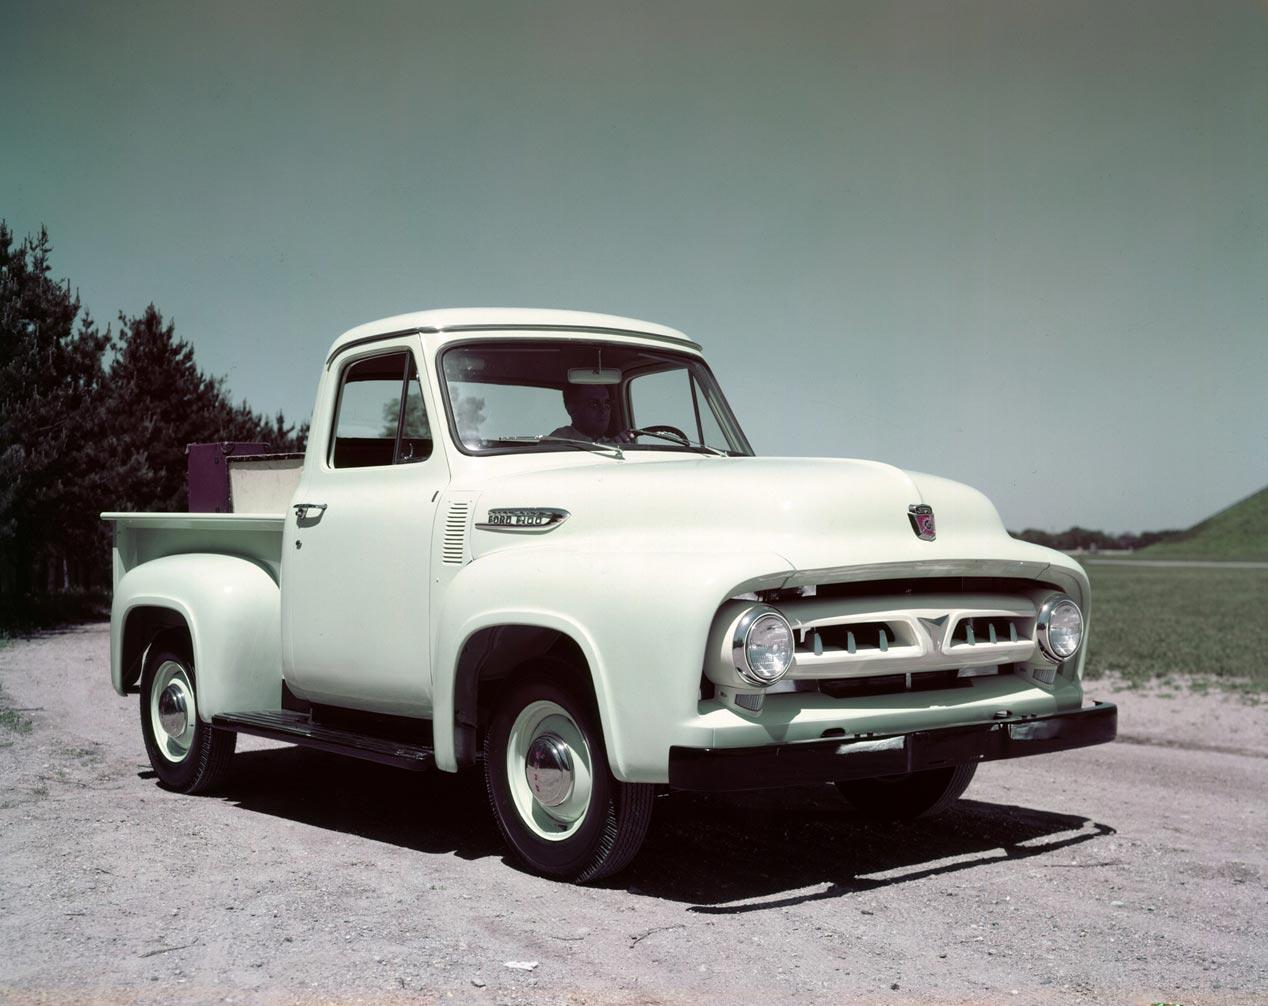 100 años de historia: los pick-up de Ford